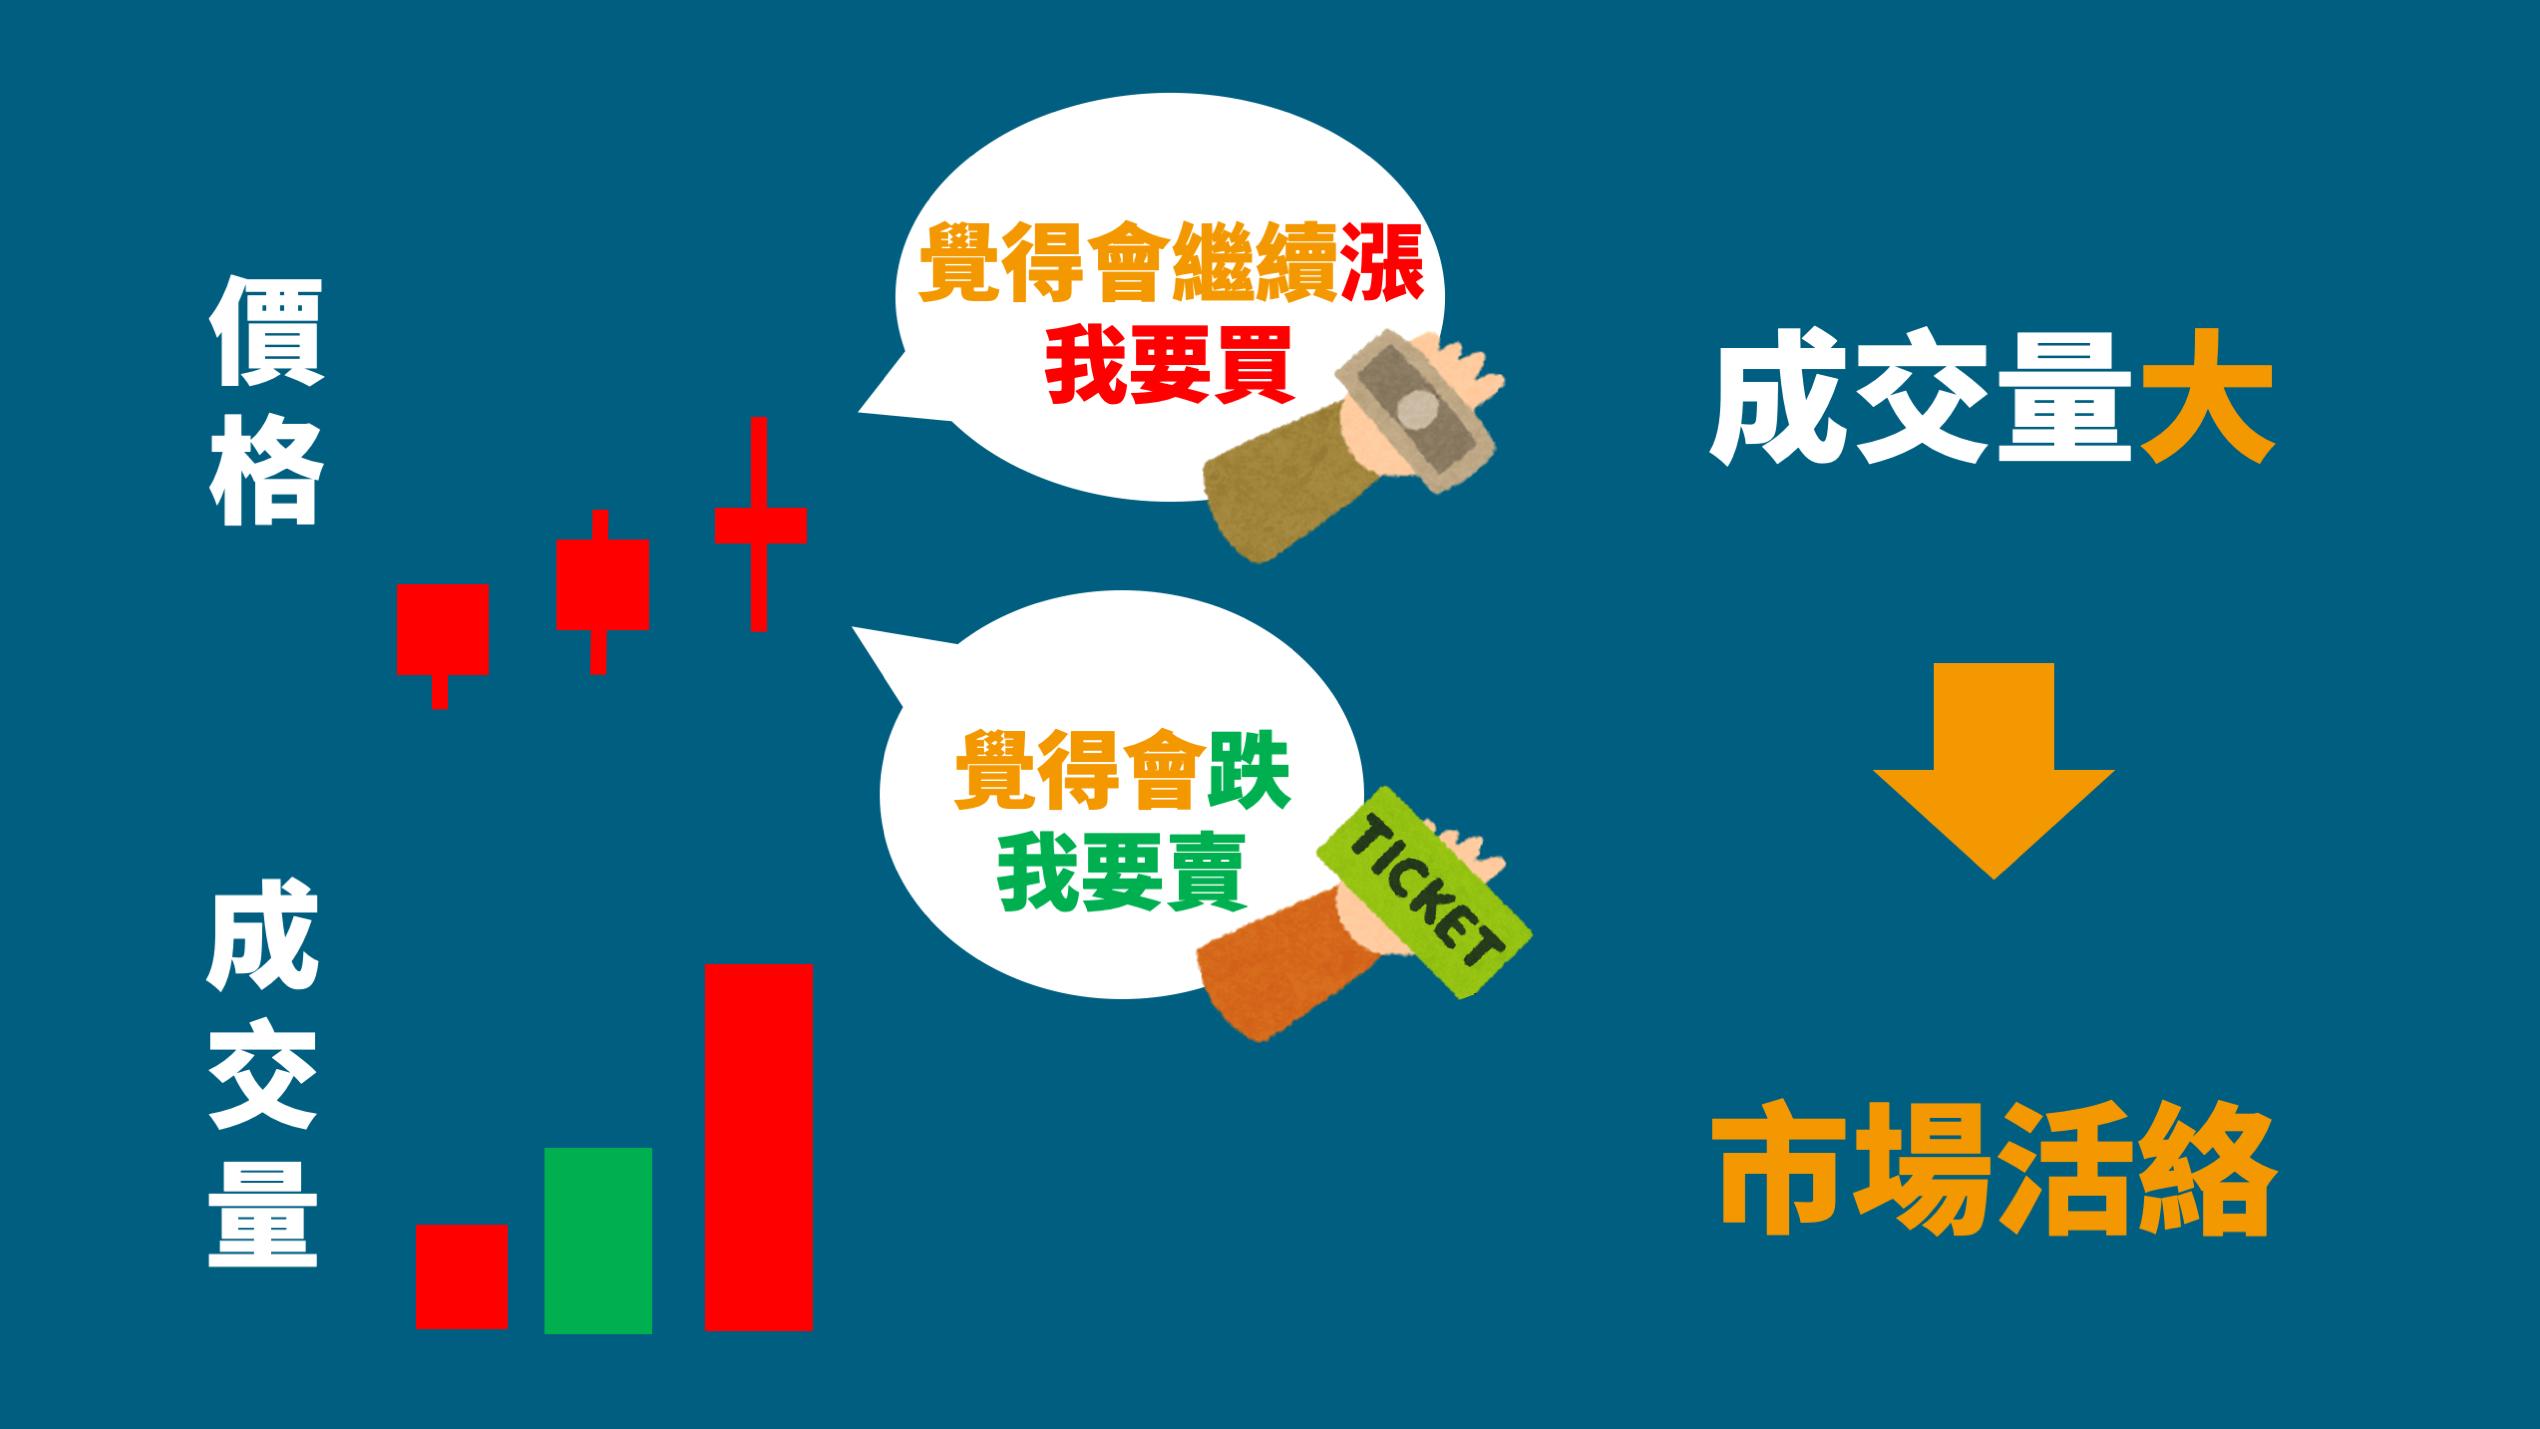 成交量_股票教學_股票投資_股票入門